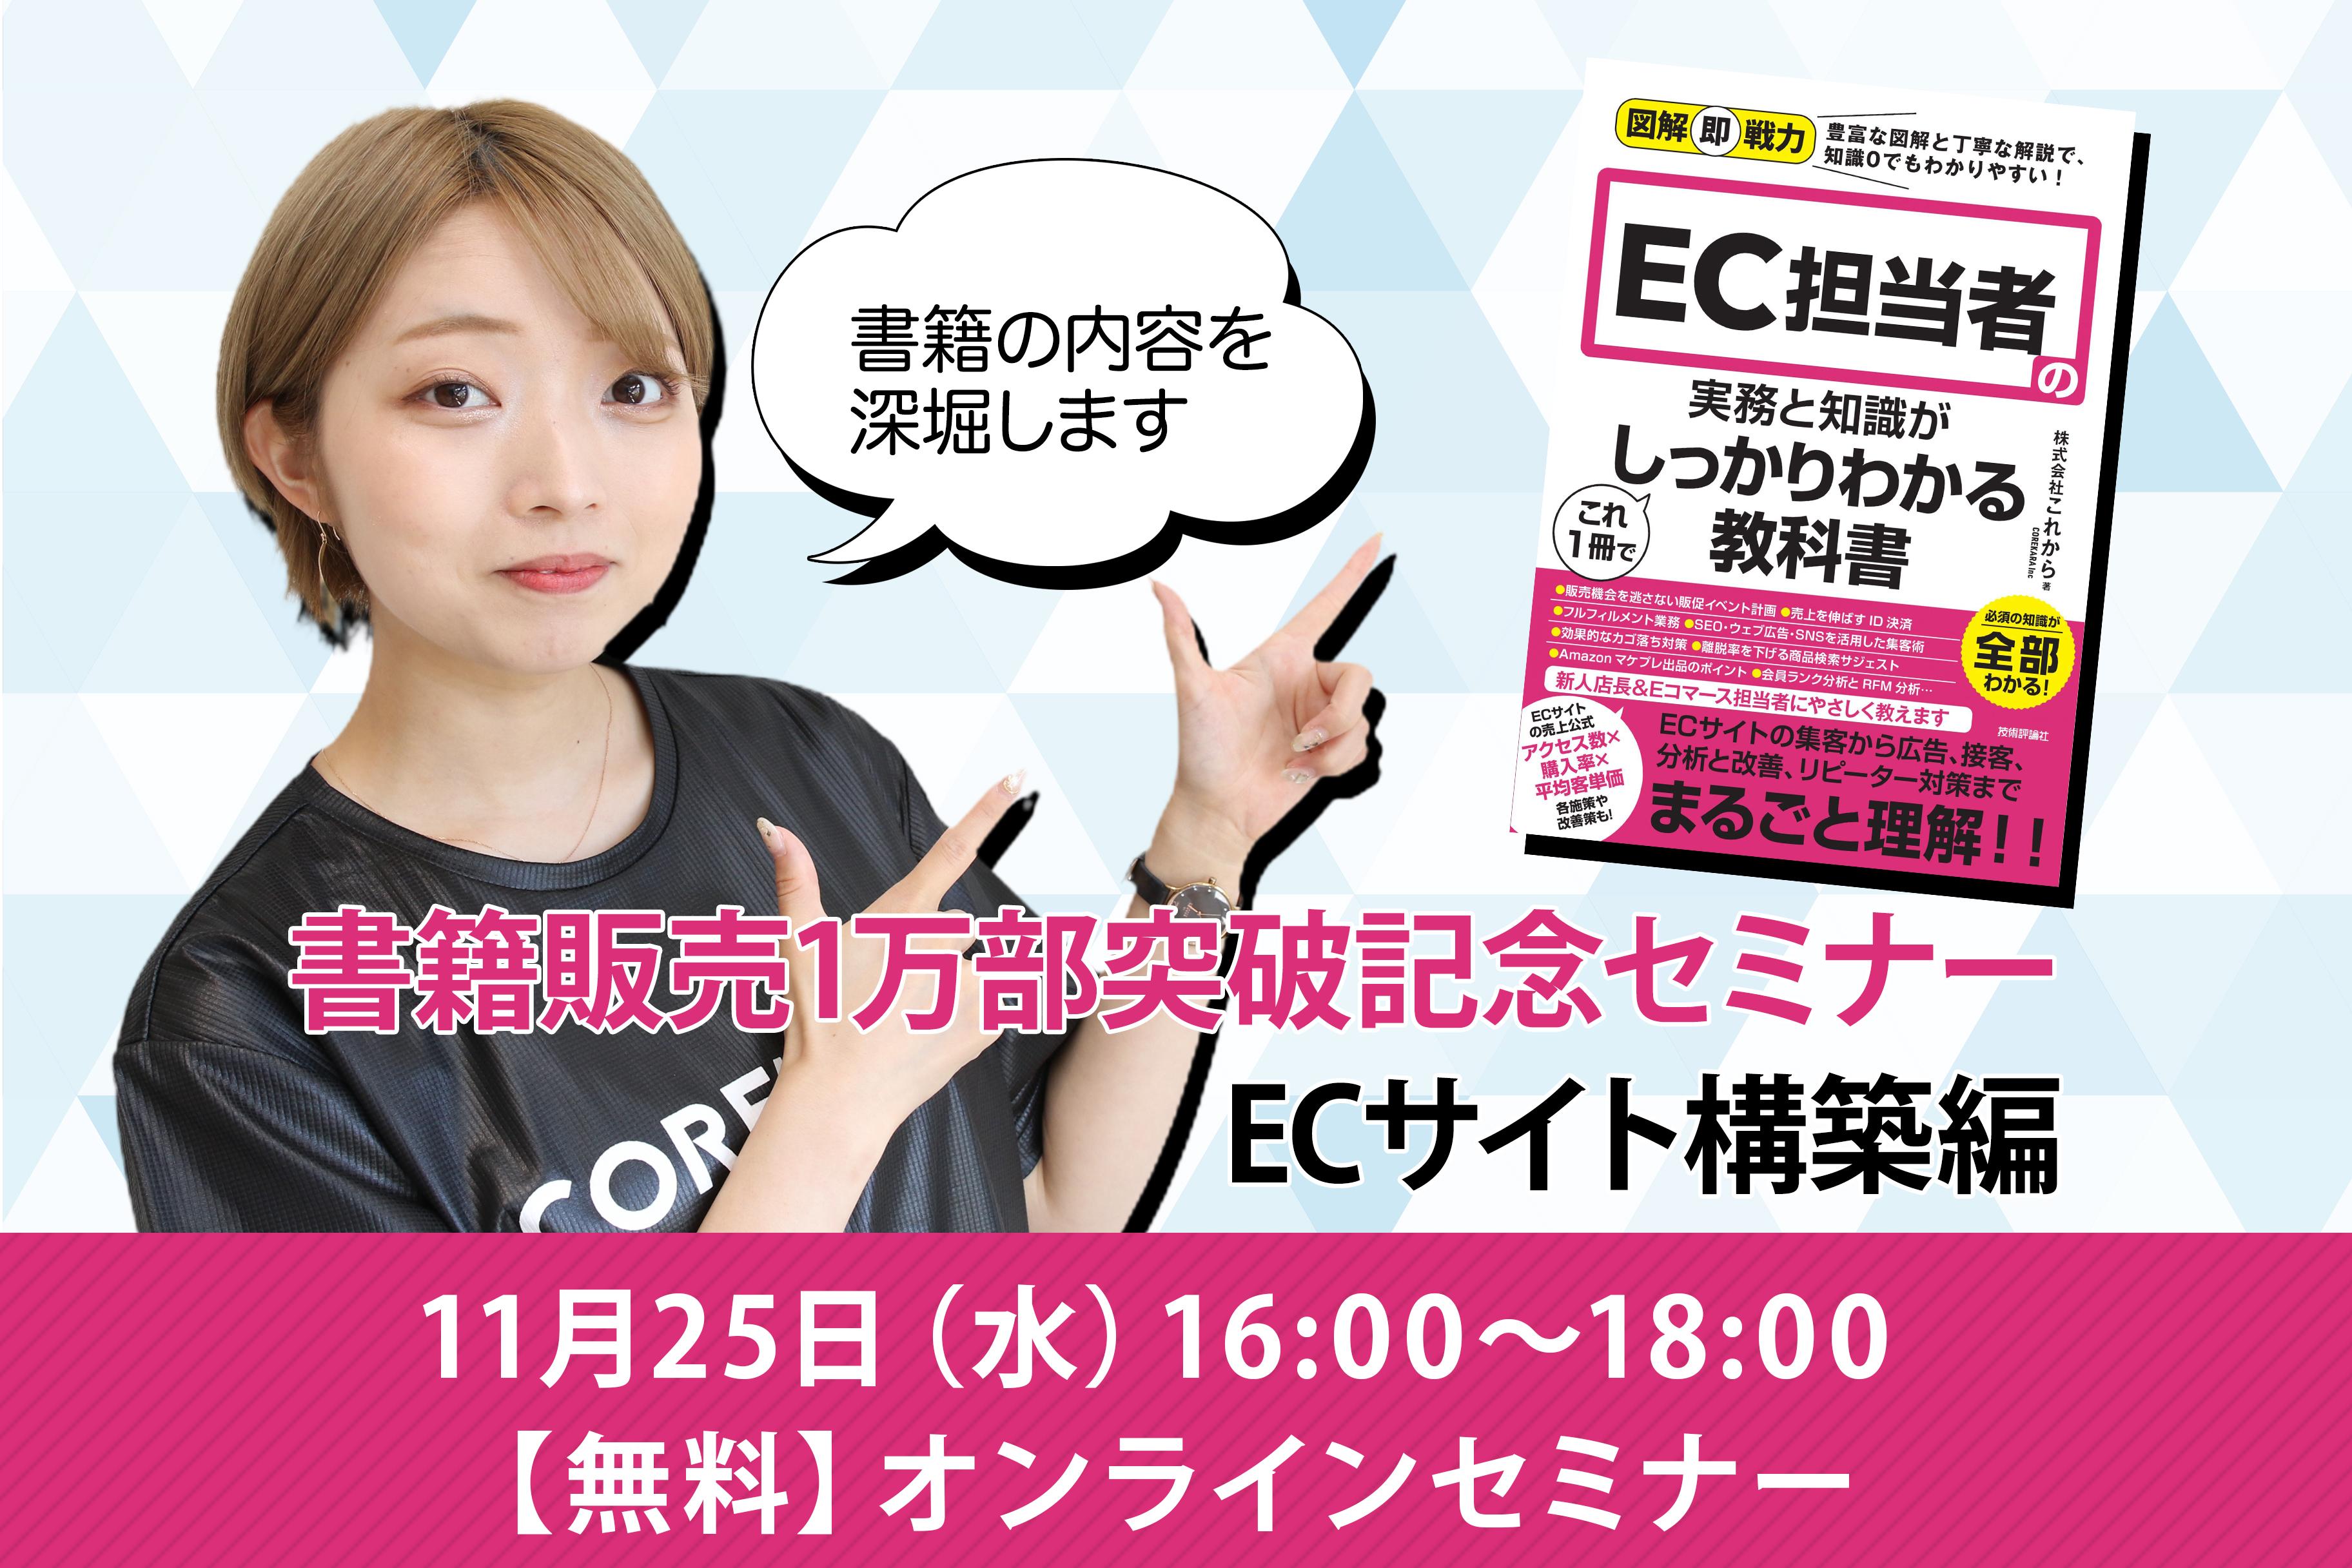 第一弾 ヤマトフィナンシャル後援!書籍発売記念セミナー【ECサイト構築編】